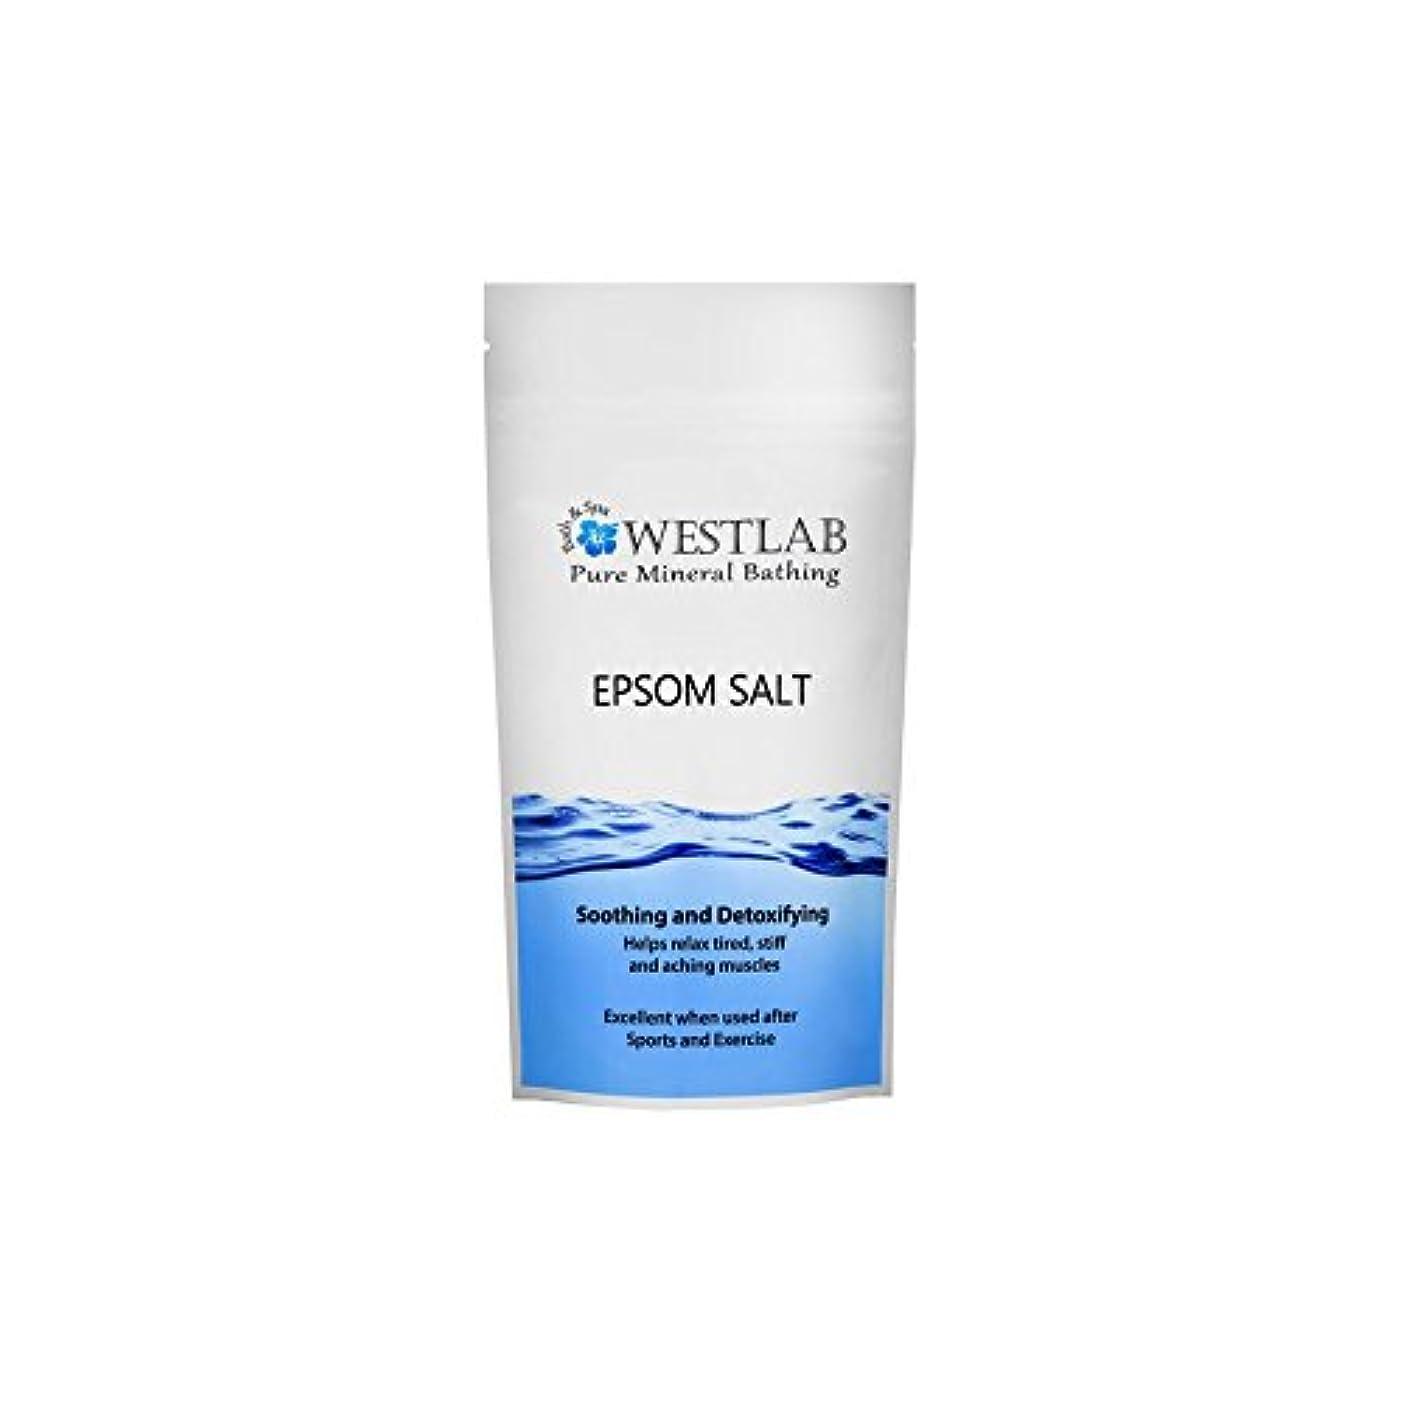 行く受取人ボンドWestlab Epsom Salt 2kg - エプソム塩の2キロ [並行輸入品]